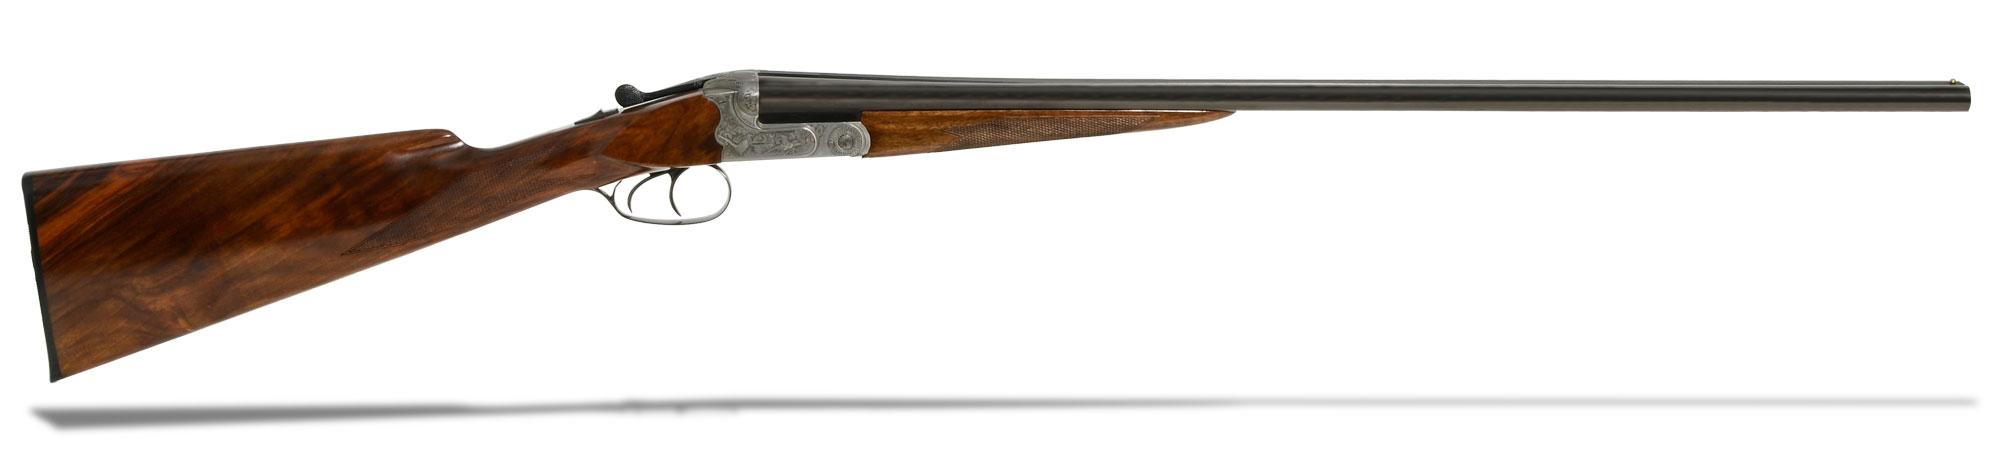 Merkel 280E SxS 28GA Shotgun 70280E3.8D3E